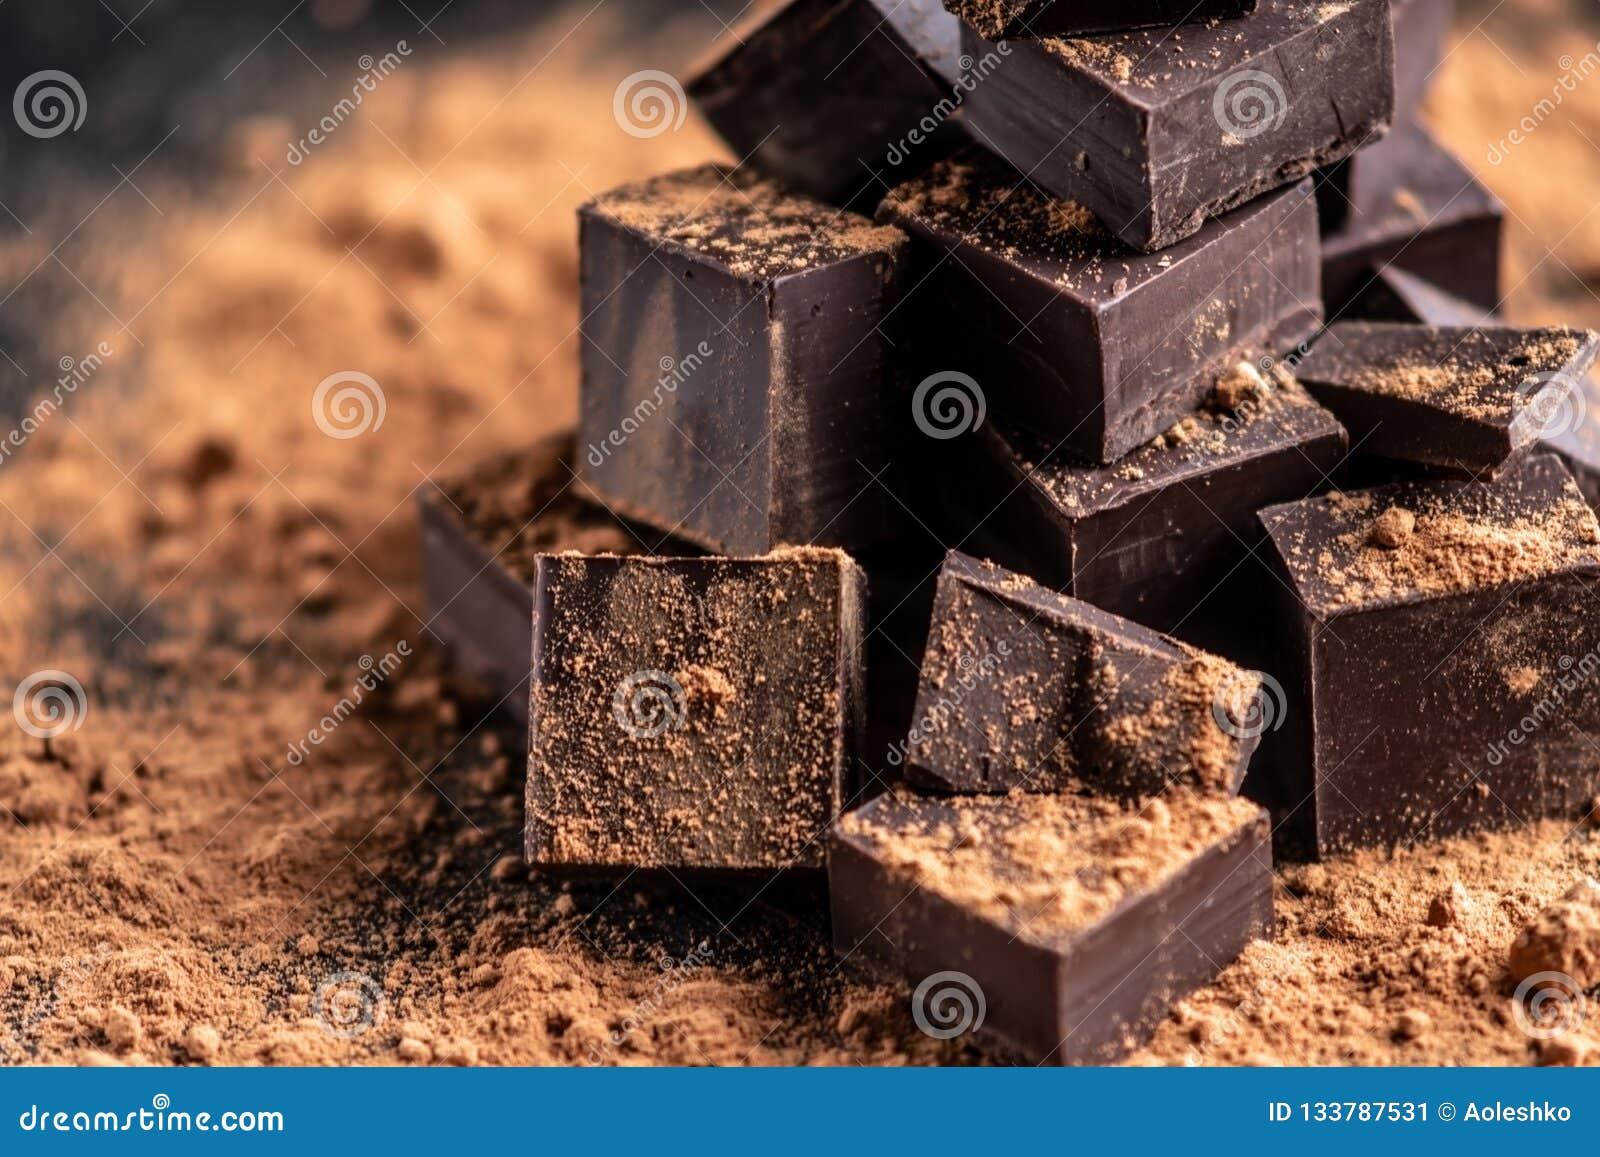 Partes de chocolate amargo escuro com pó de cacau no fundo de madeira escuro Conceito de ingredientes dos confeitos